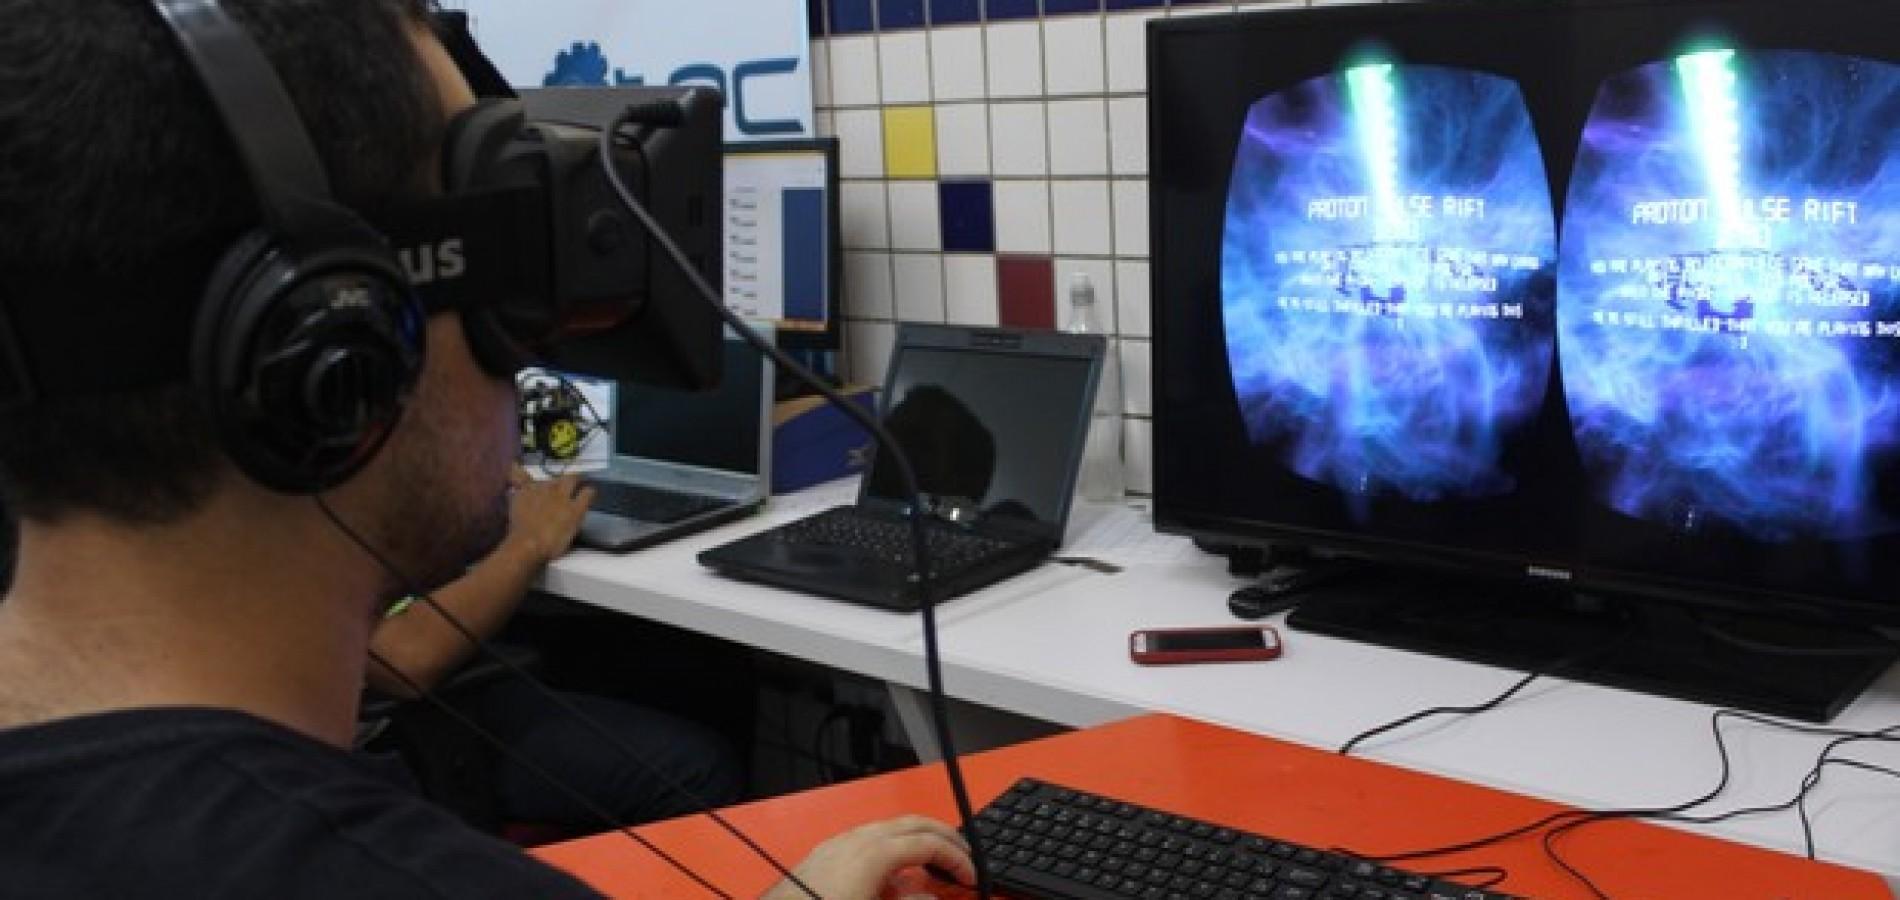 Projeto do PI usa óculos de realidade virtual para tratamento de fobias